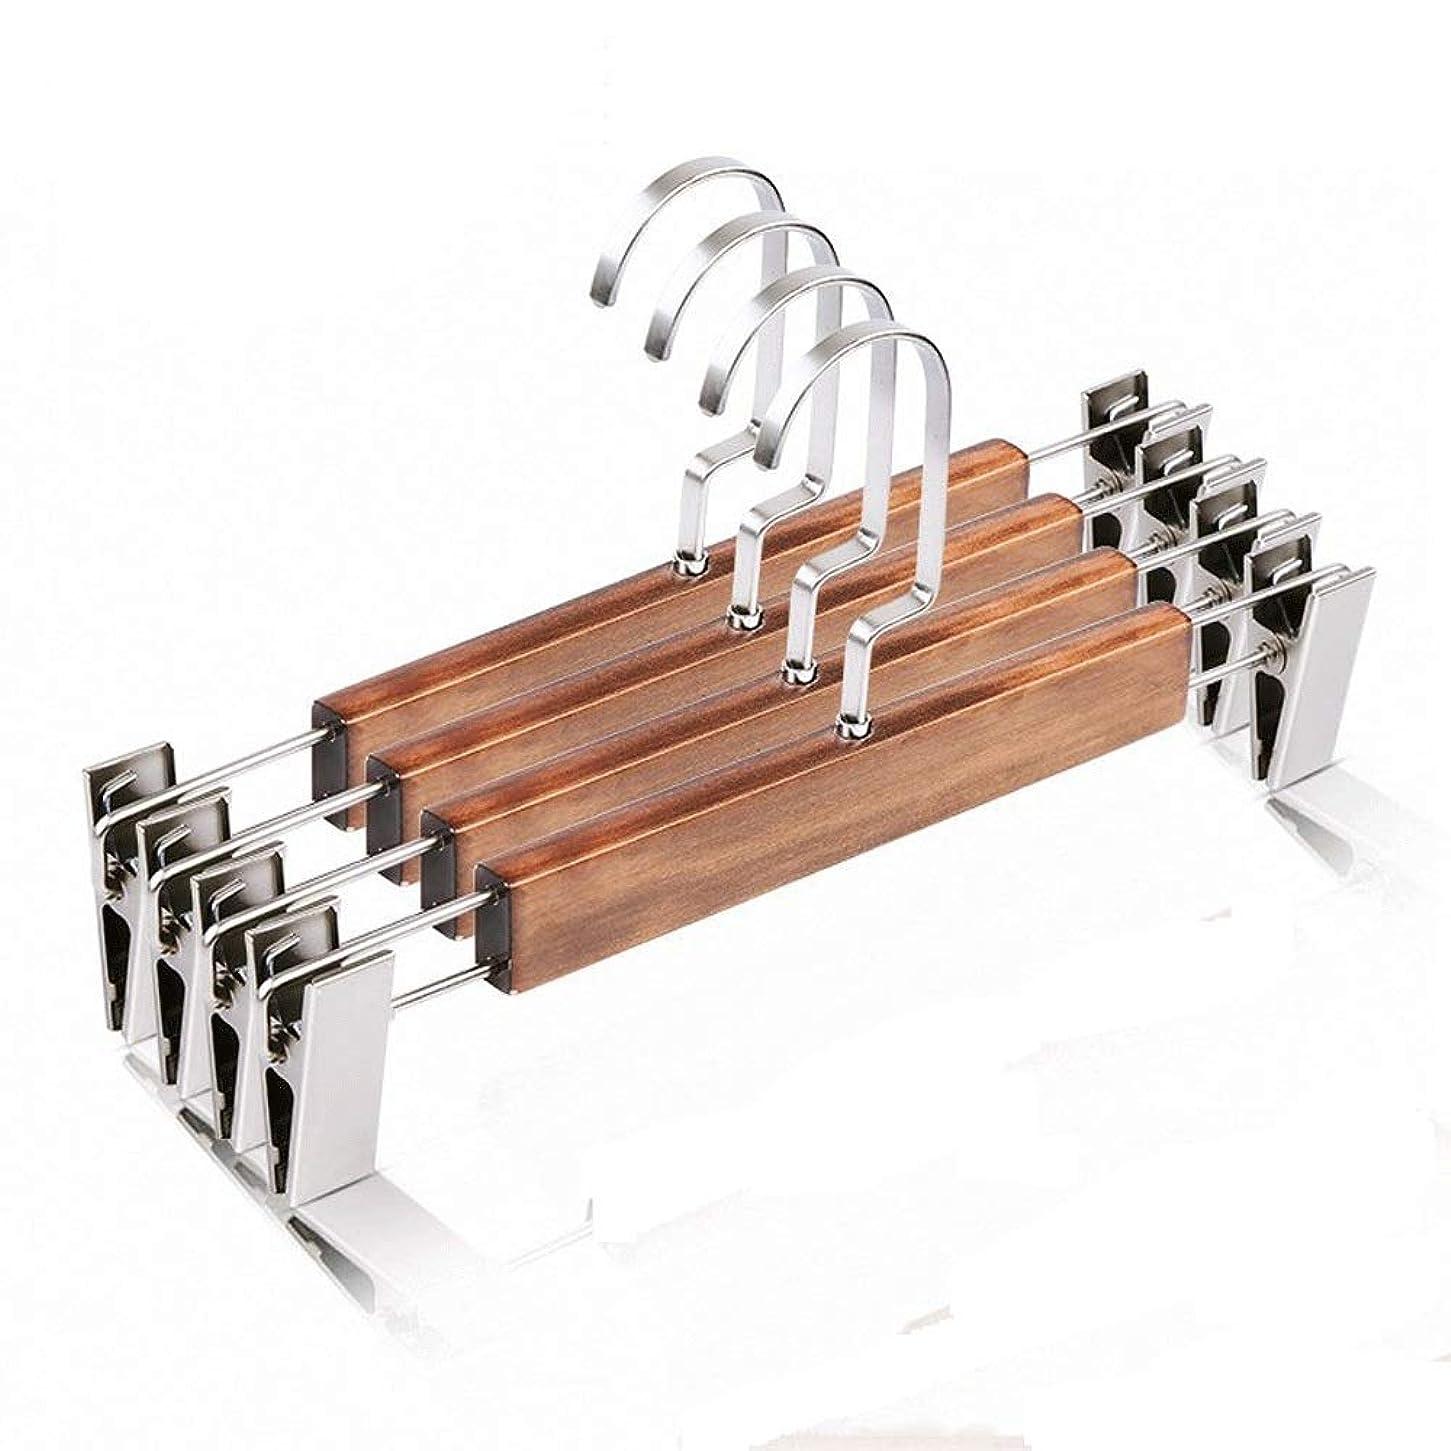 自明椅子注入するハンガー 金属クリップ木製ラックズボンとバッグ10は、実用的な木製ハンガーを平滑化し、頑丈なハンガー (Color : Brown, Size : 31.8cm)